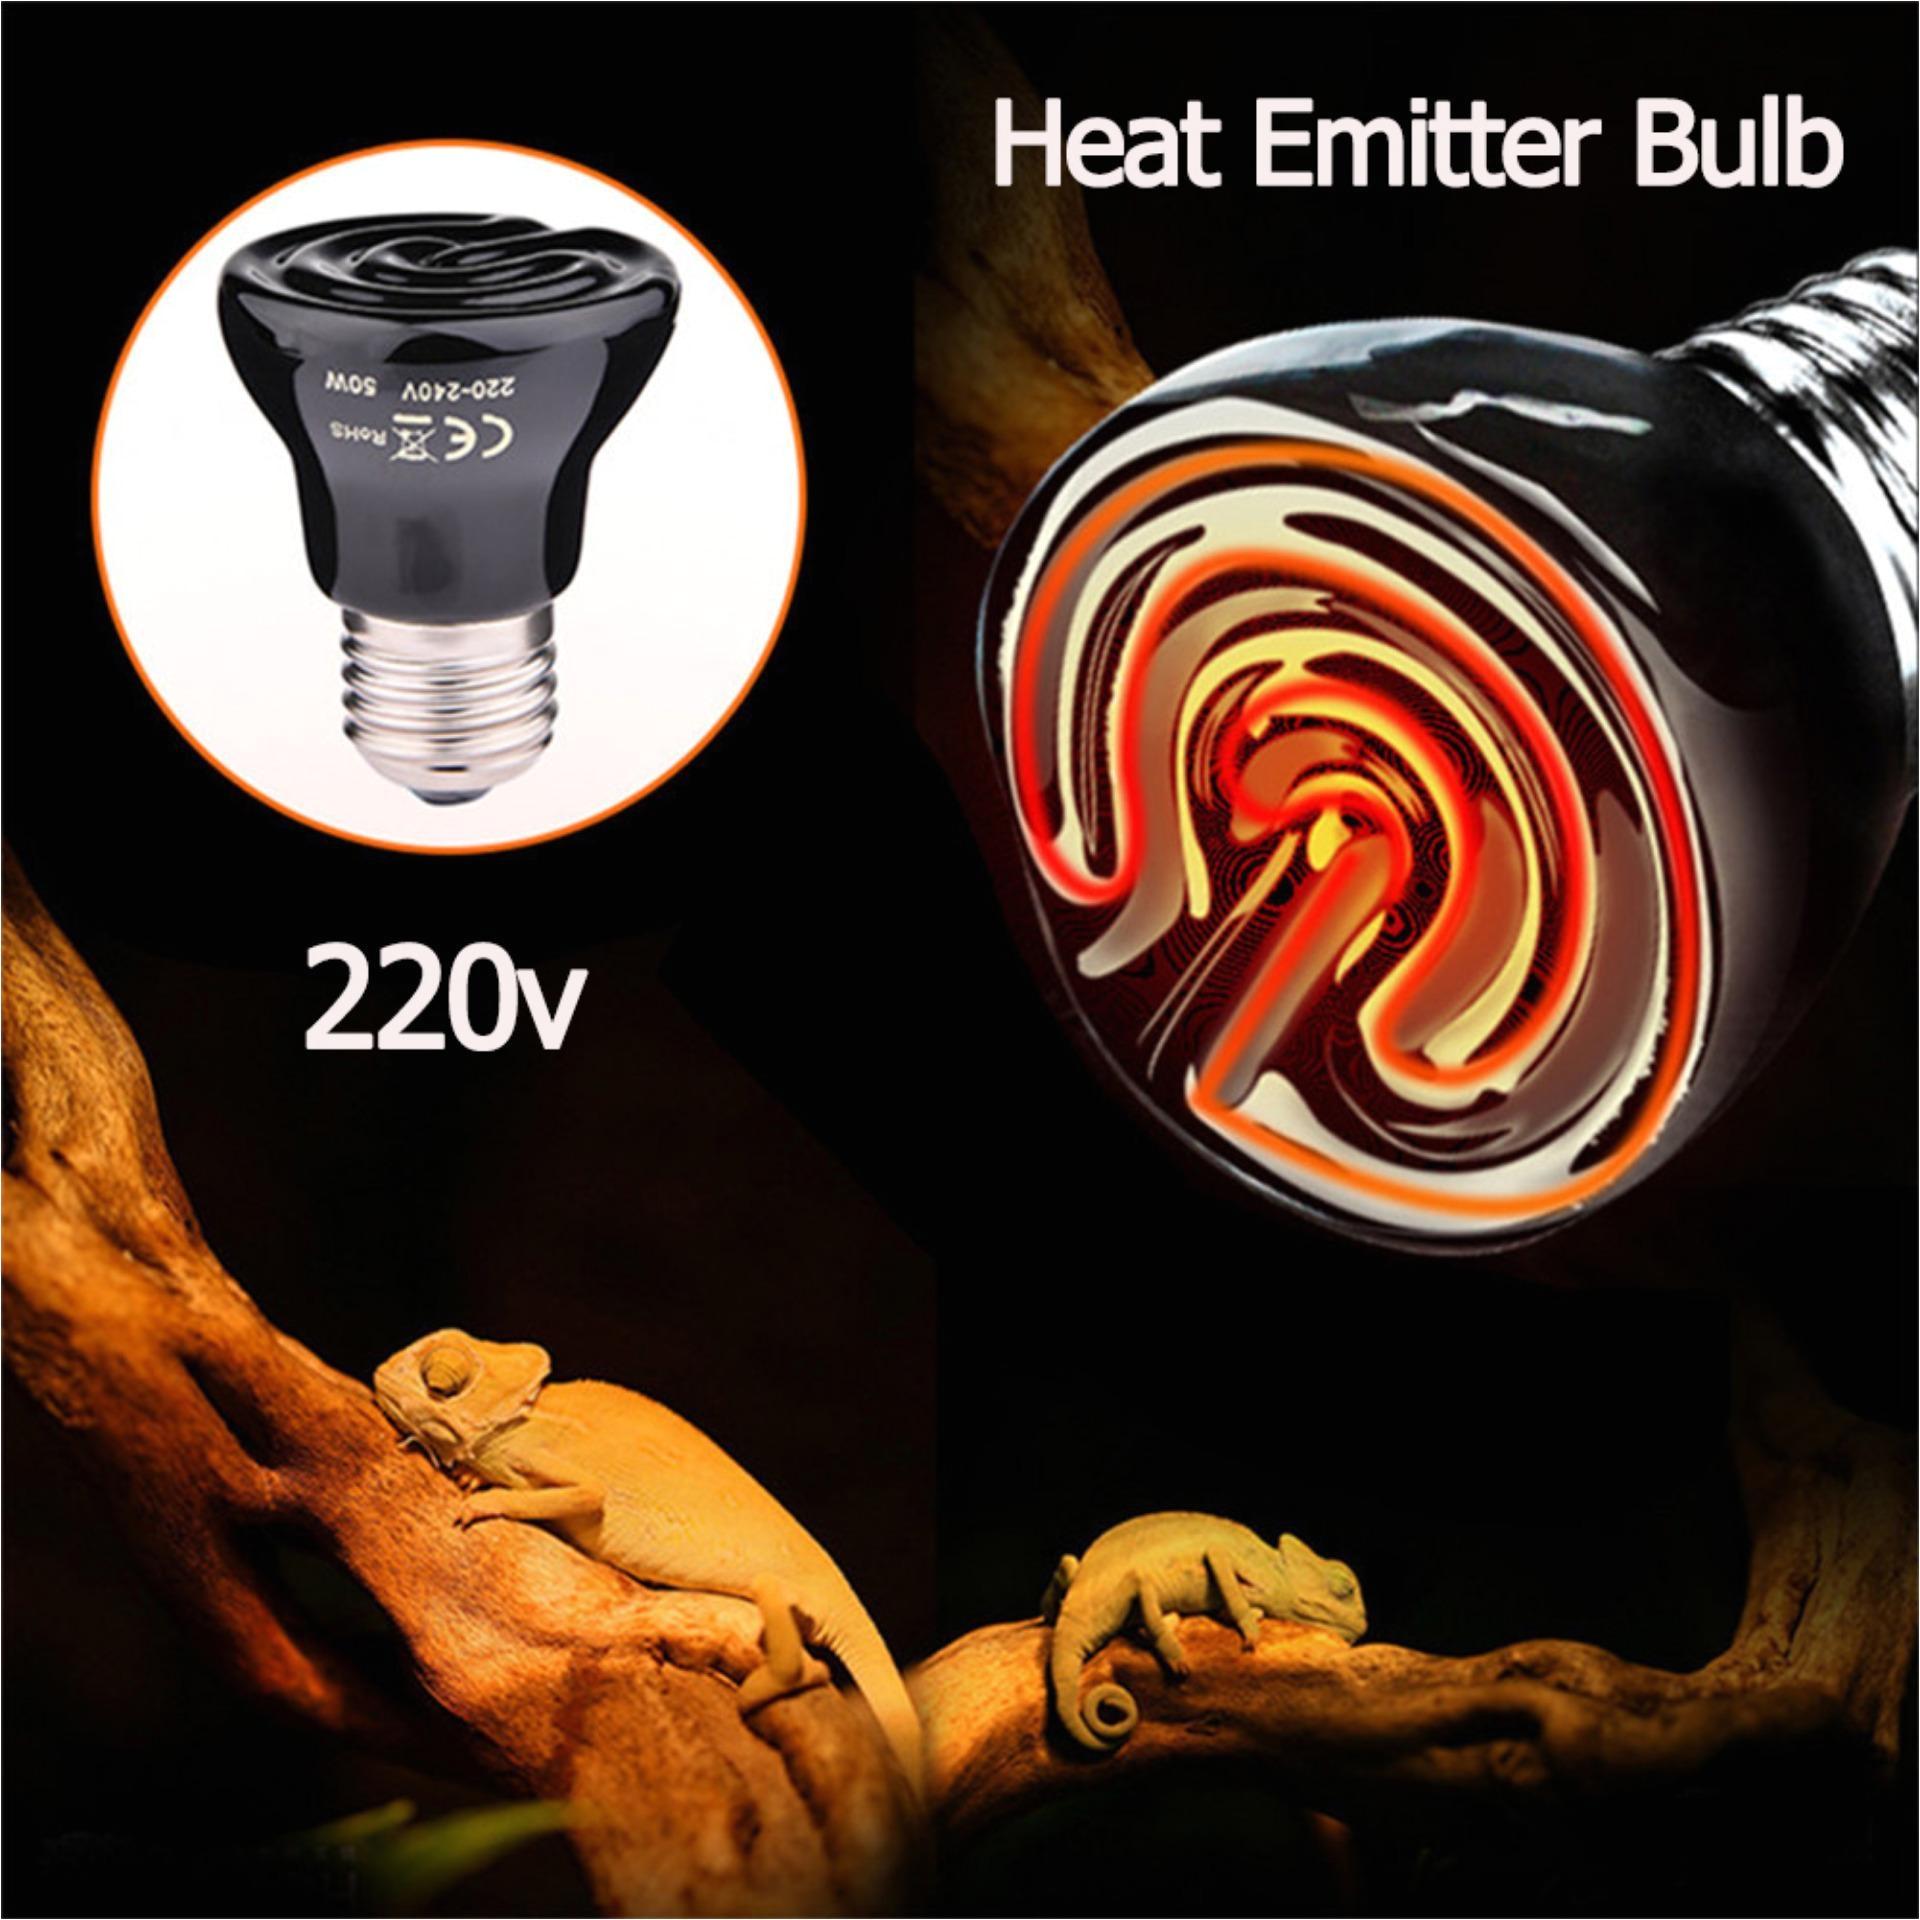 infrared ceramic heat emitter bulb pet brooder heater lamp for reptile 50w220v black